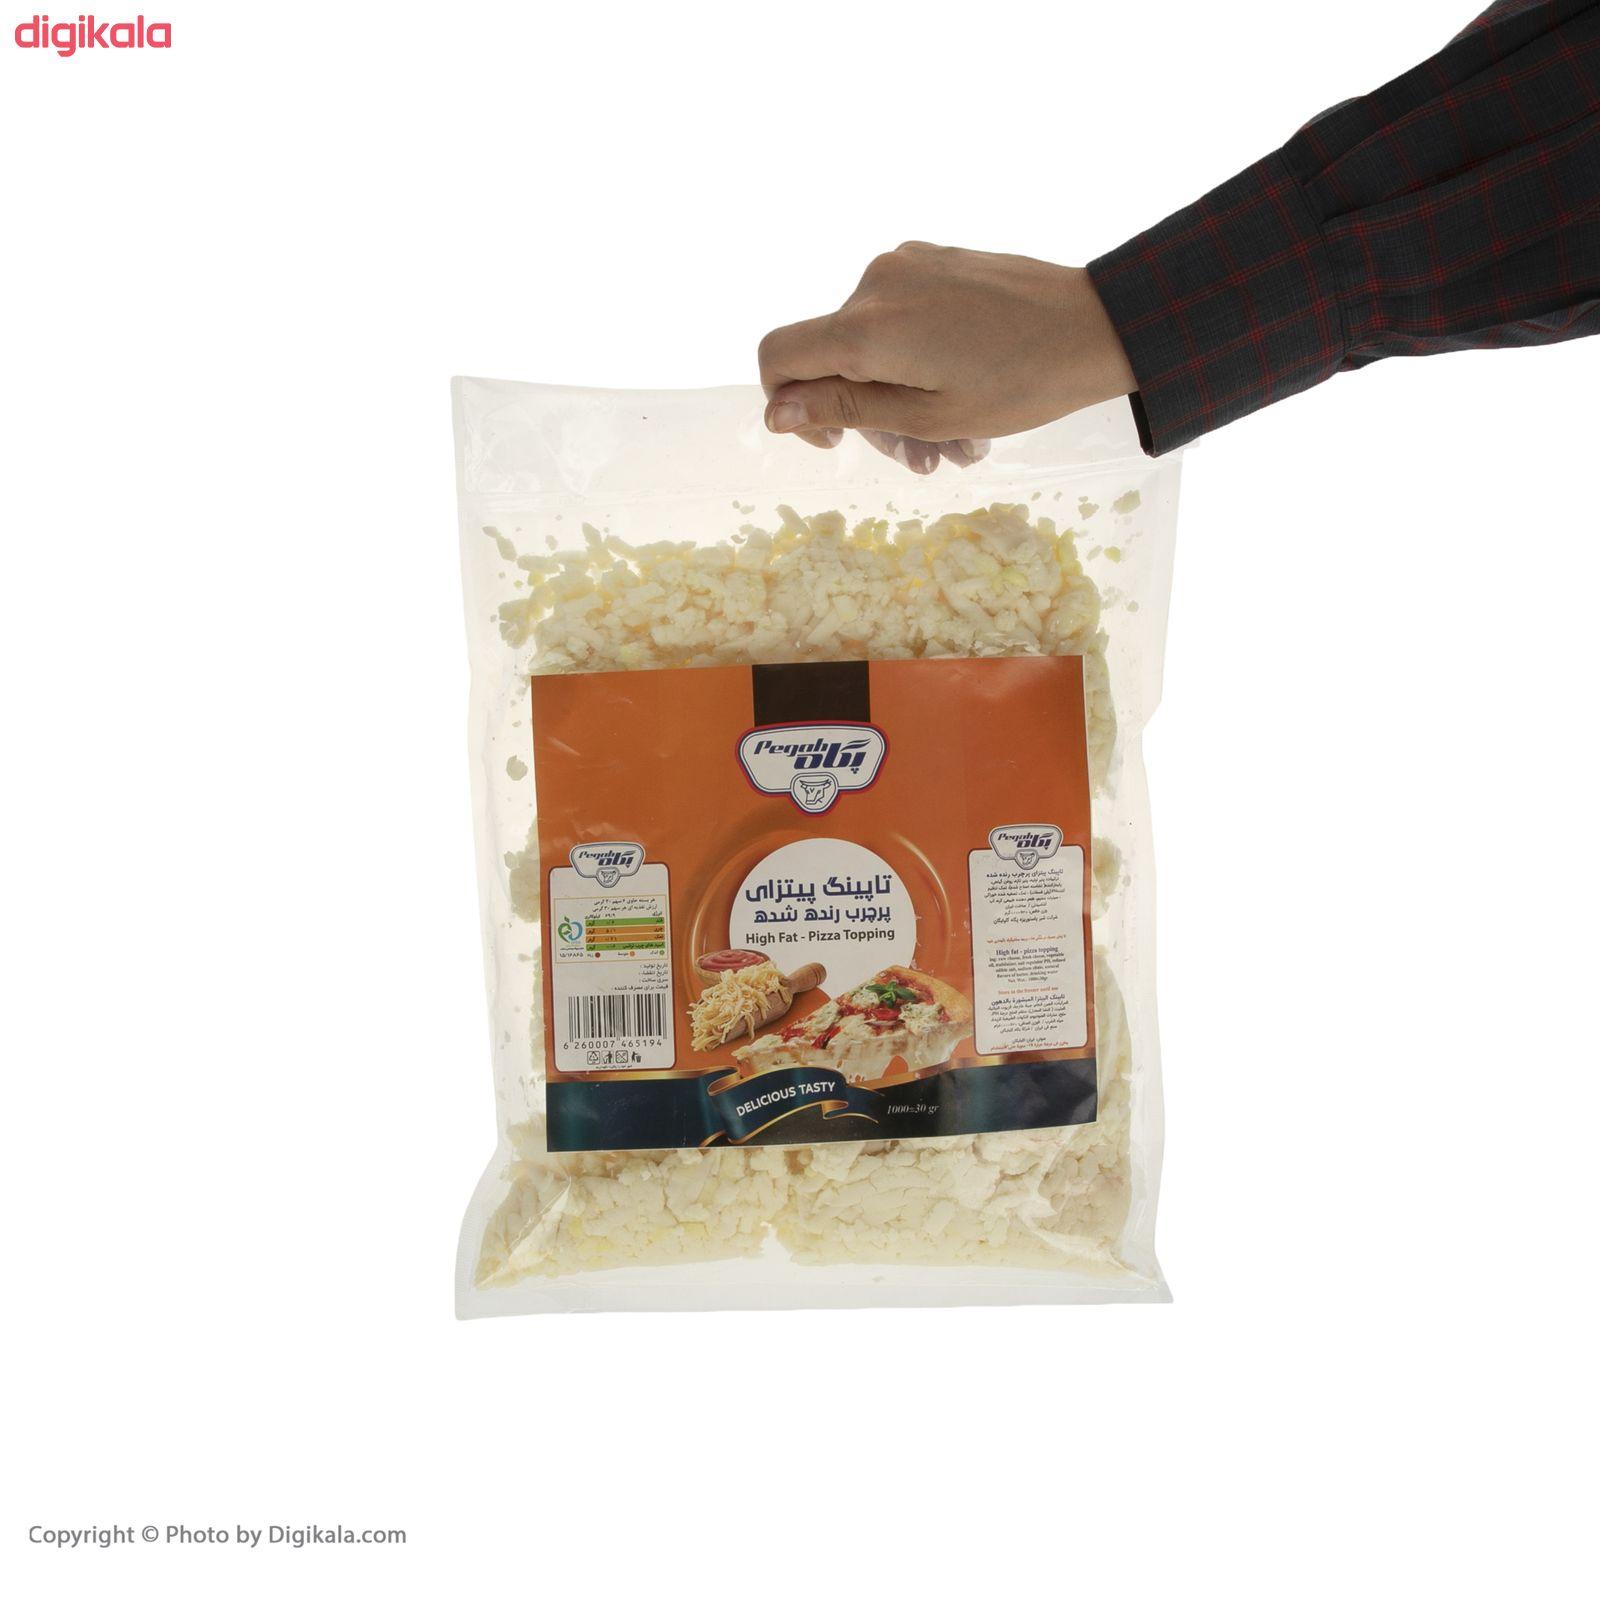 تاپینگ پرچرب پیتزا پگاه - 1 کیلوگرم main 1 1